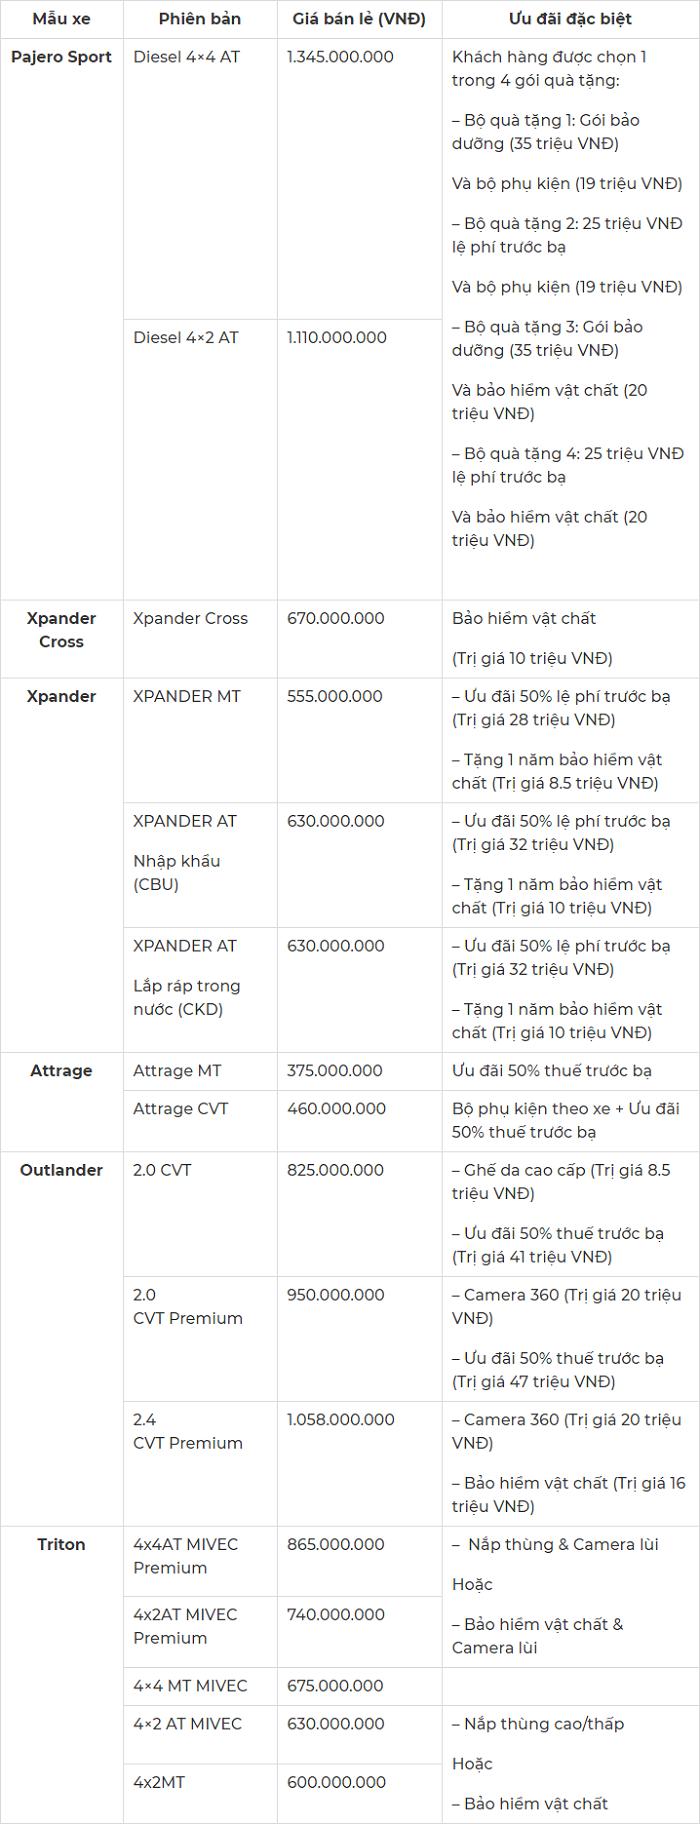 Bảng giá và chương trình ưu đãi tháng 1/2021 của Mitsubishi